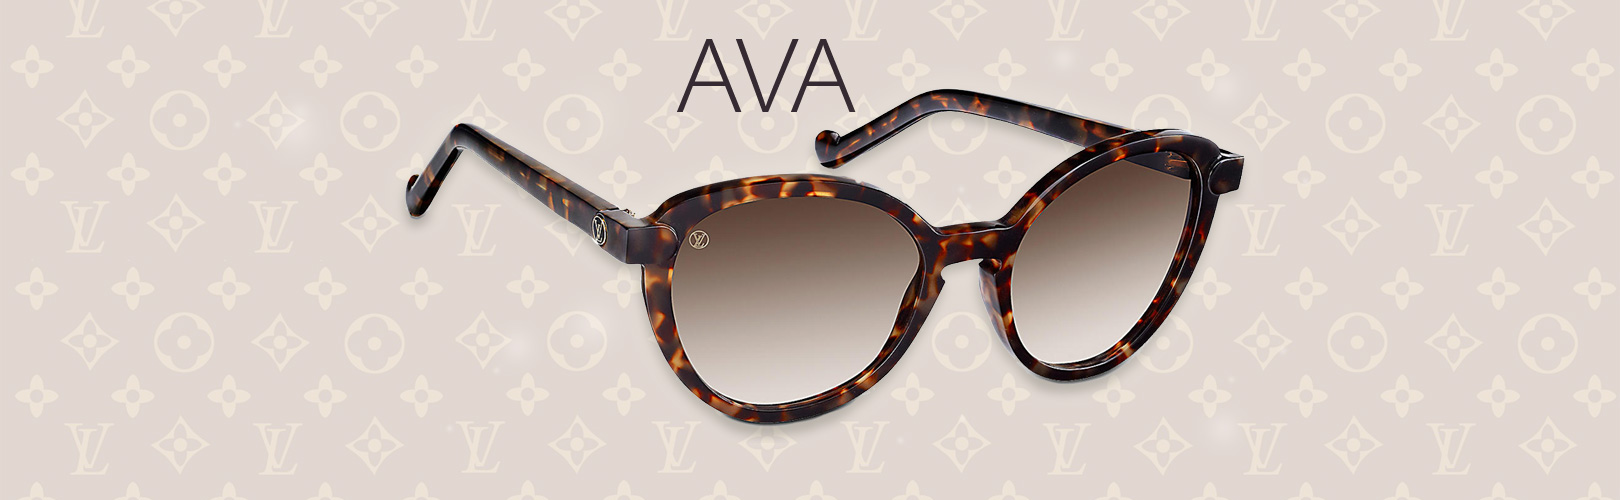 ΜΟΝΟ €269 για ένα ζευγάρι γυαλιών ηλίου Louis Vuitton!